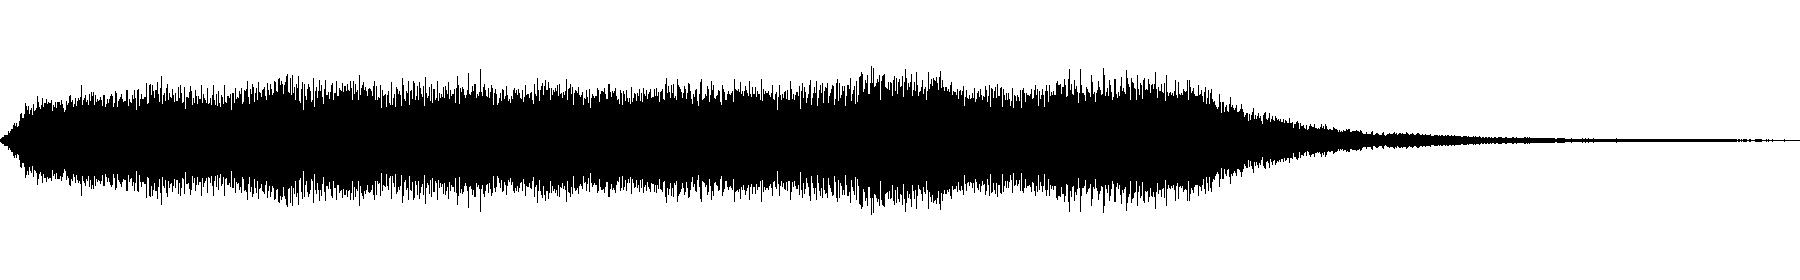 organ esus4